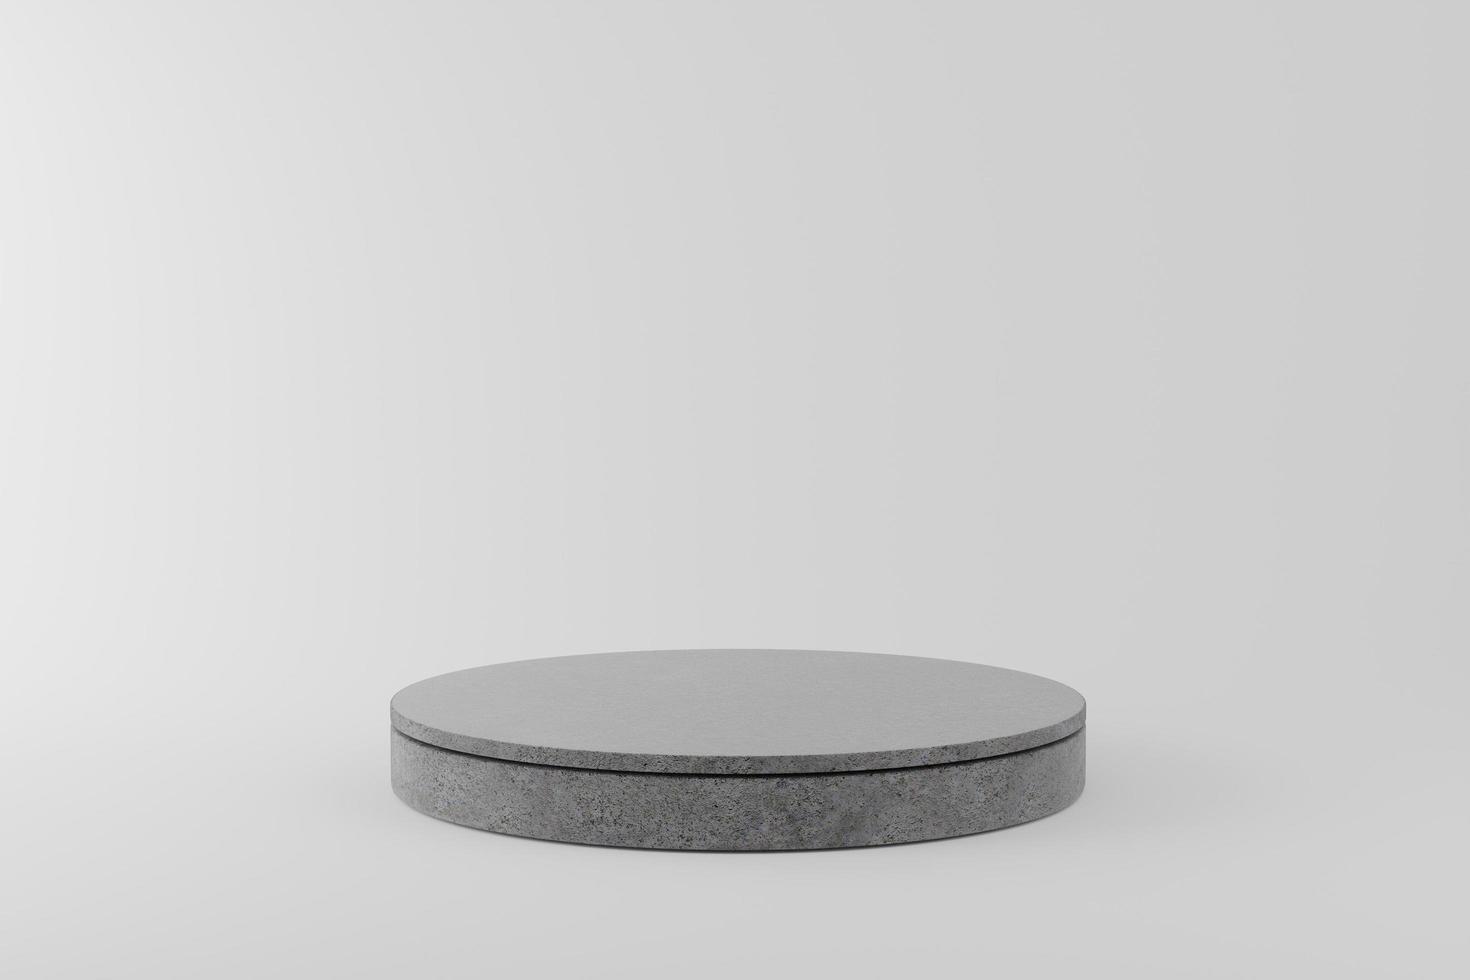 pódio de concreto em fundo cinza foto